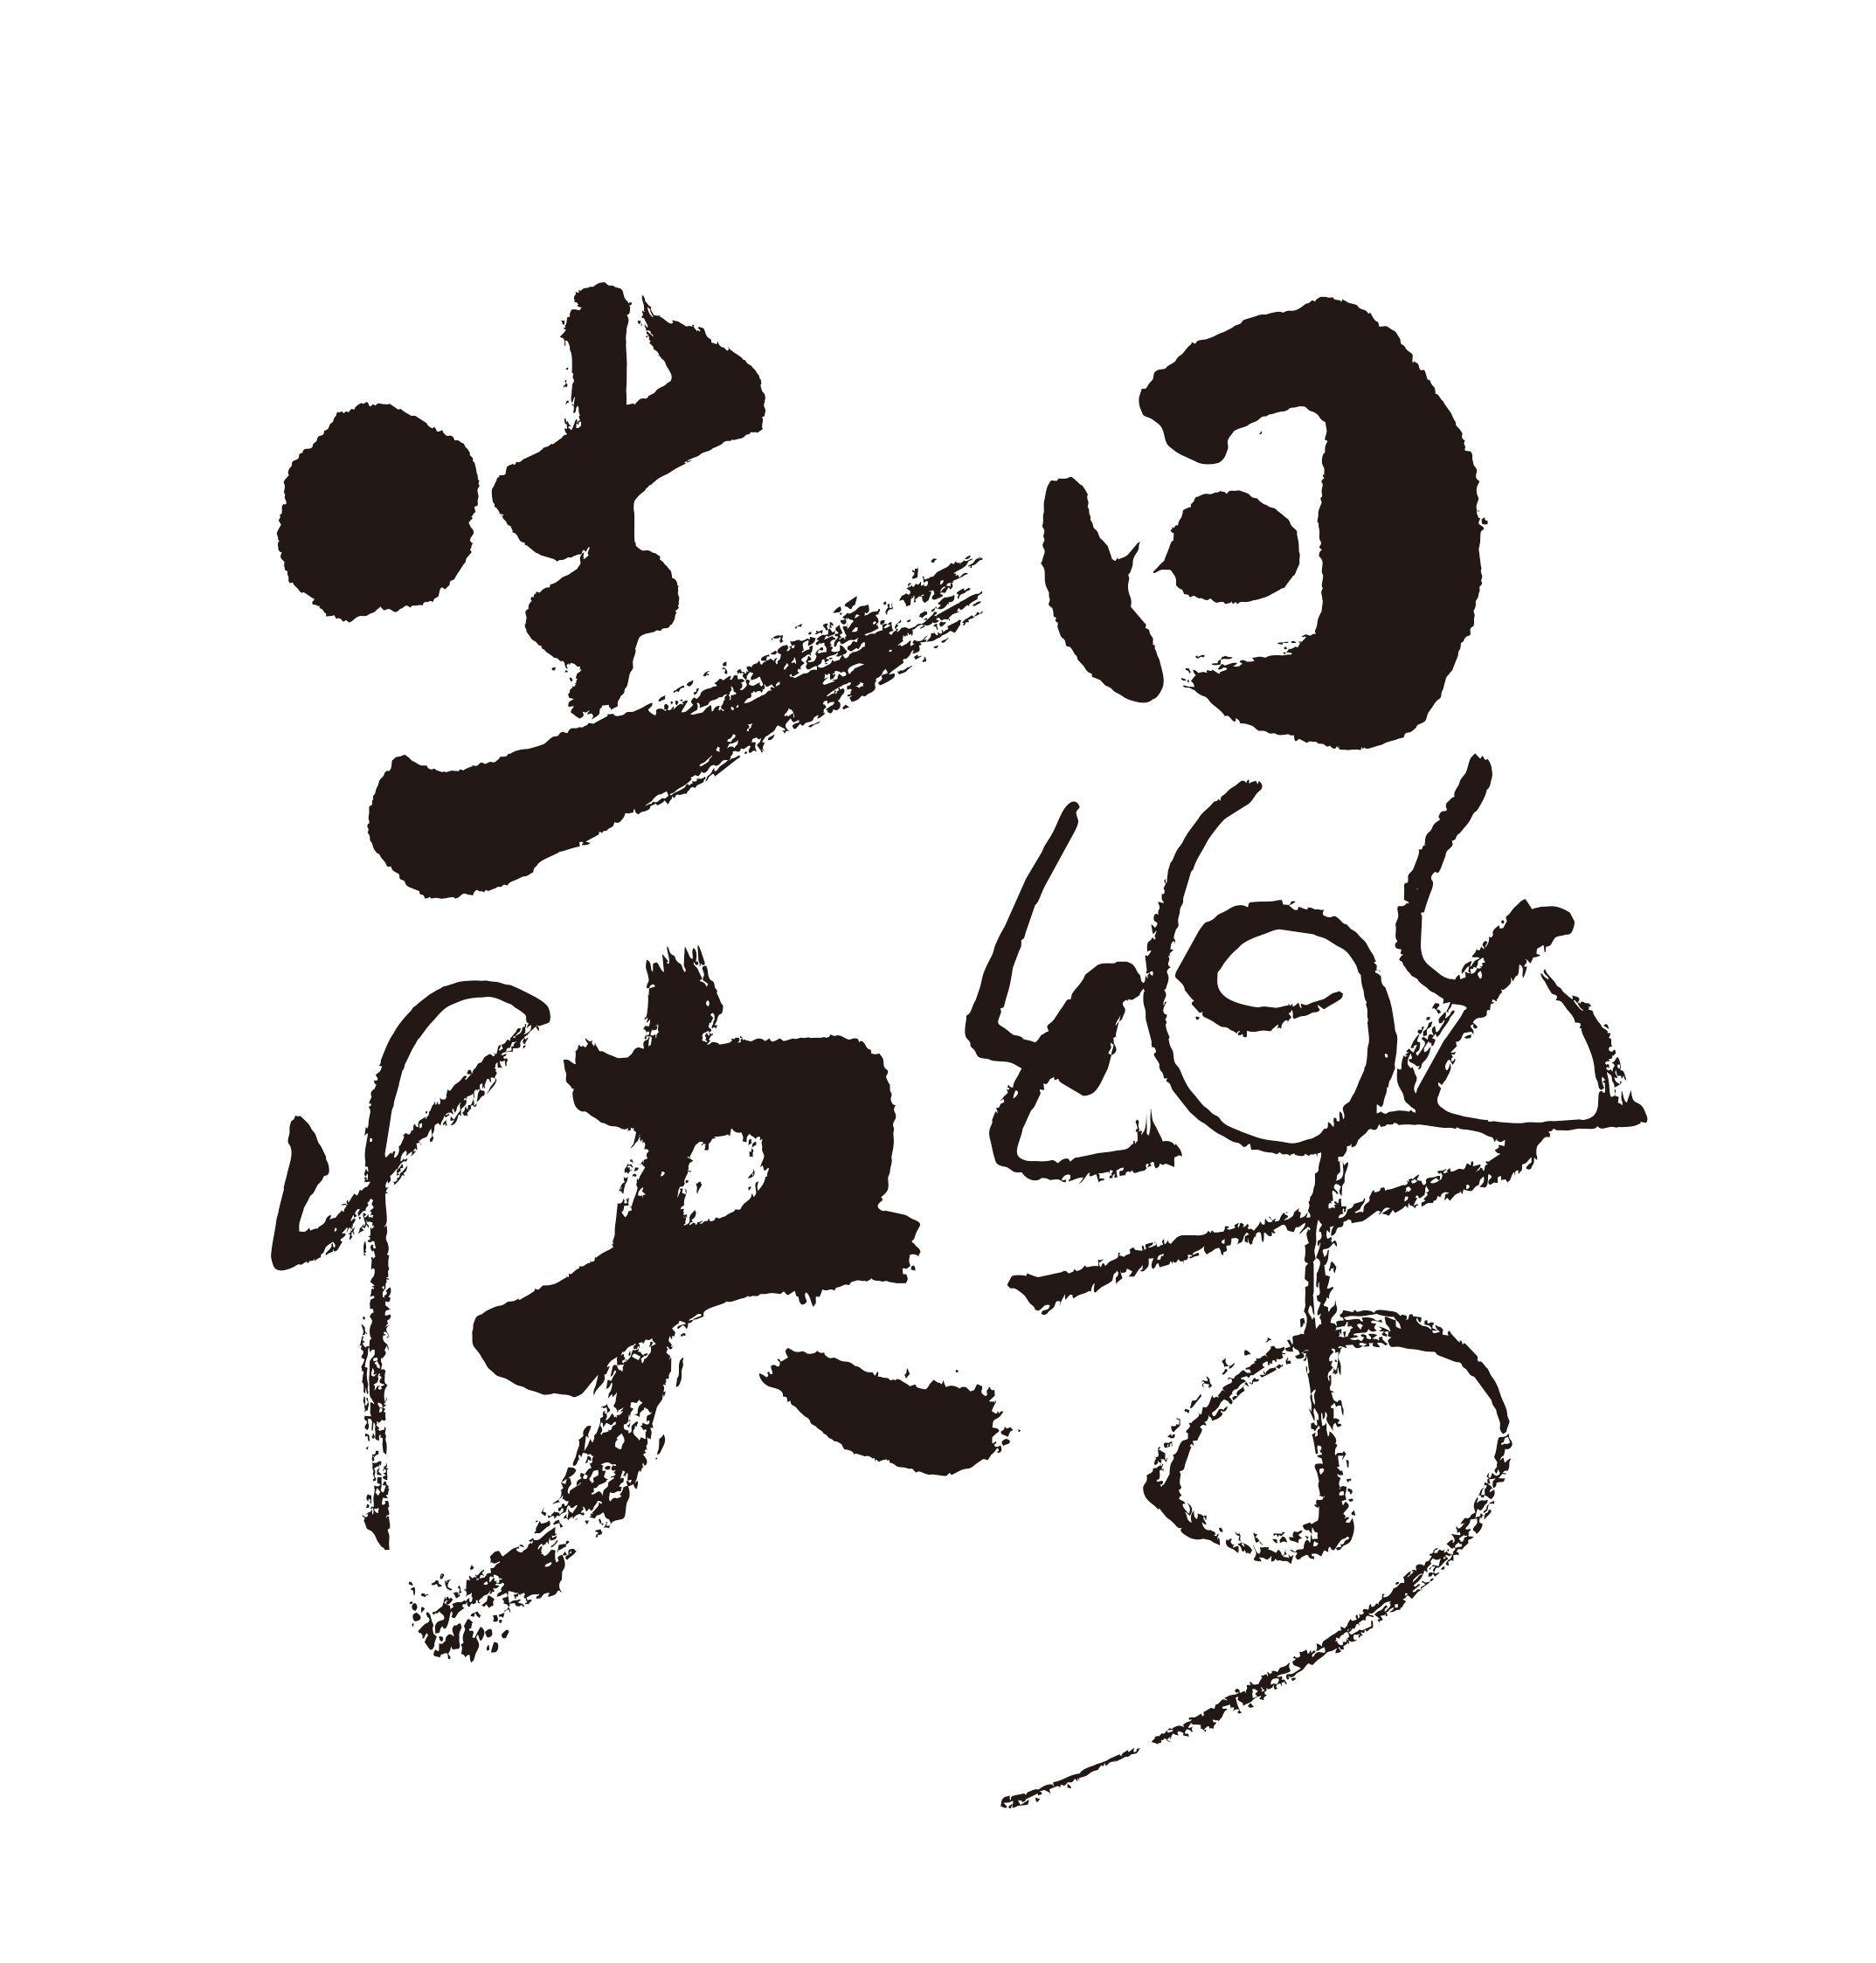 生日快樂_毛筆字 Happy birthday messages, Happy birthday in